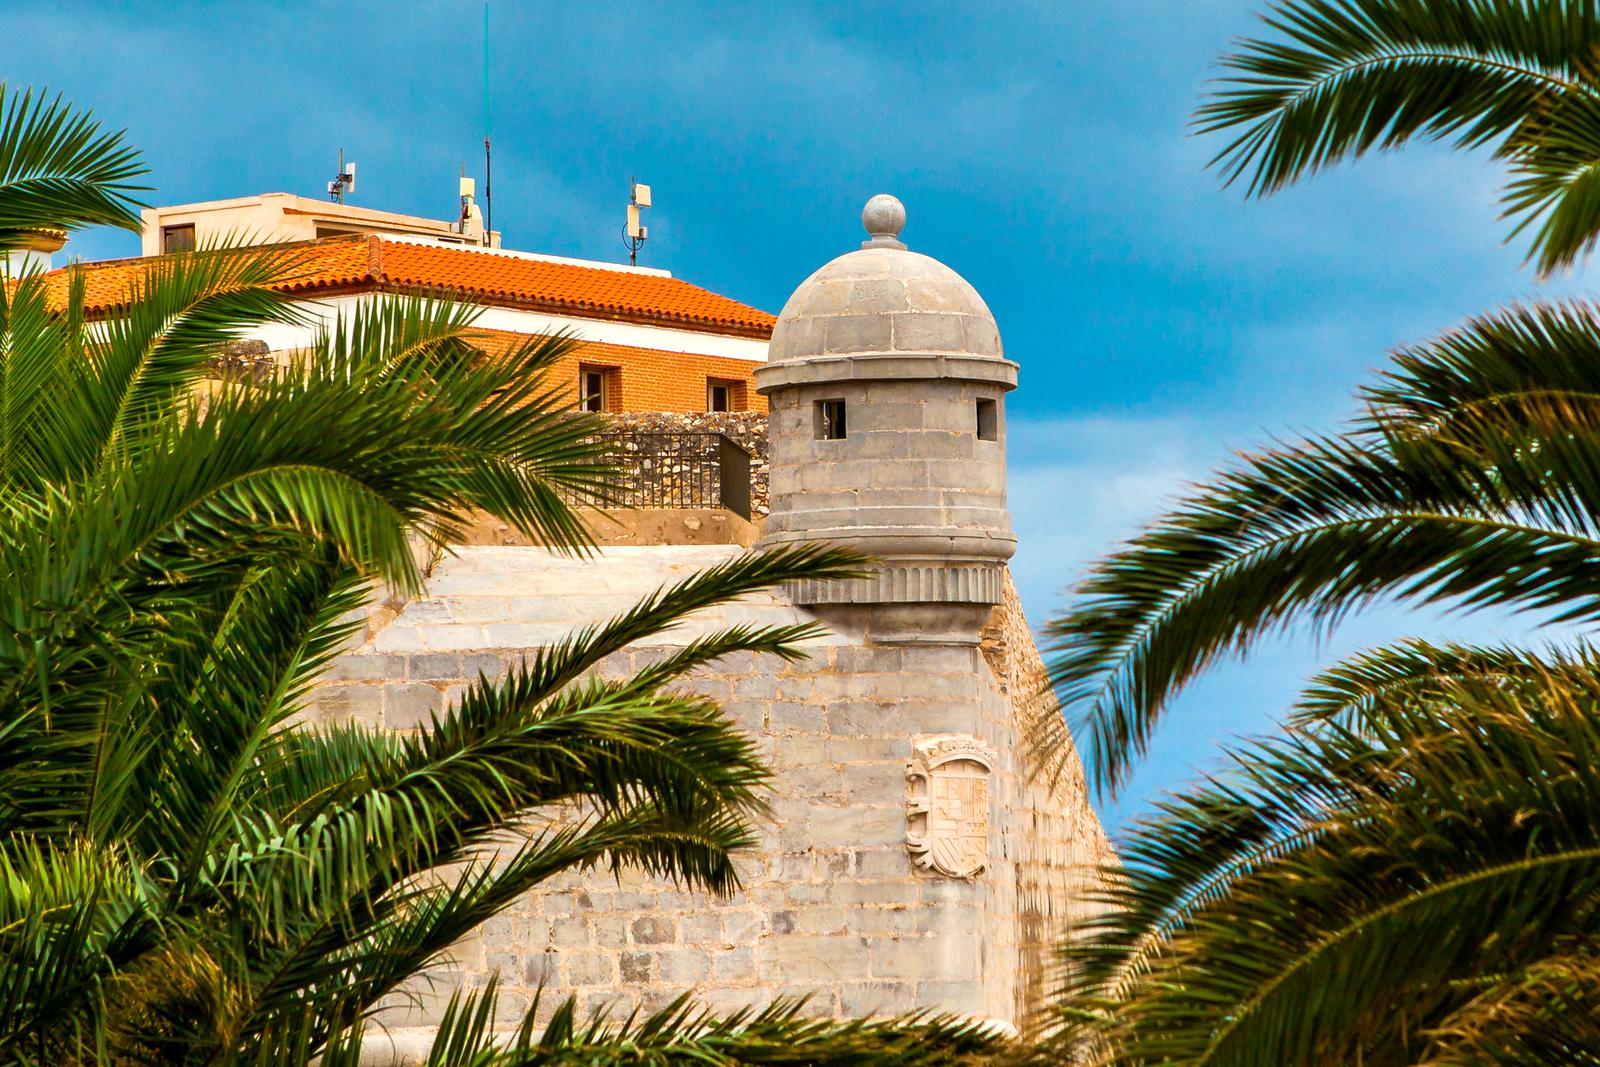 西班牙佩尼伊斯科拉(Peniscola),安宁美丽的小岛